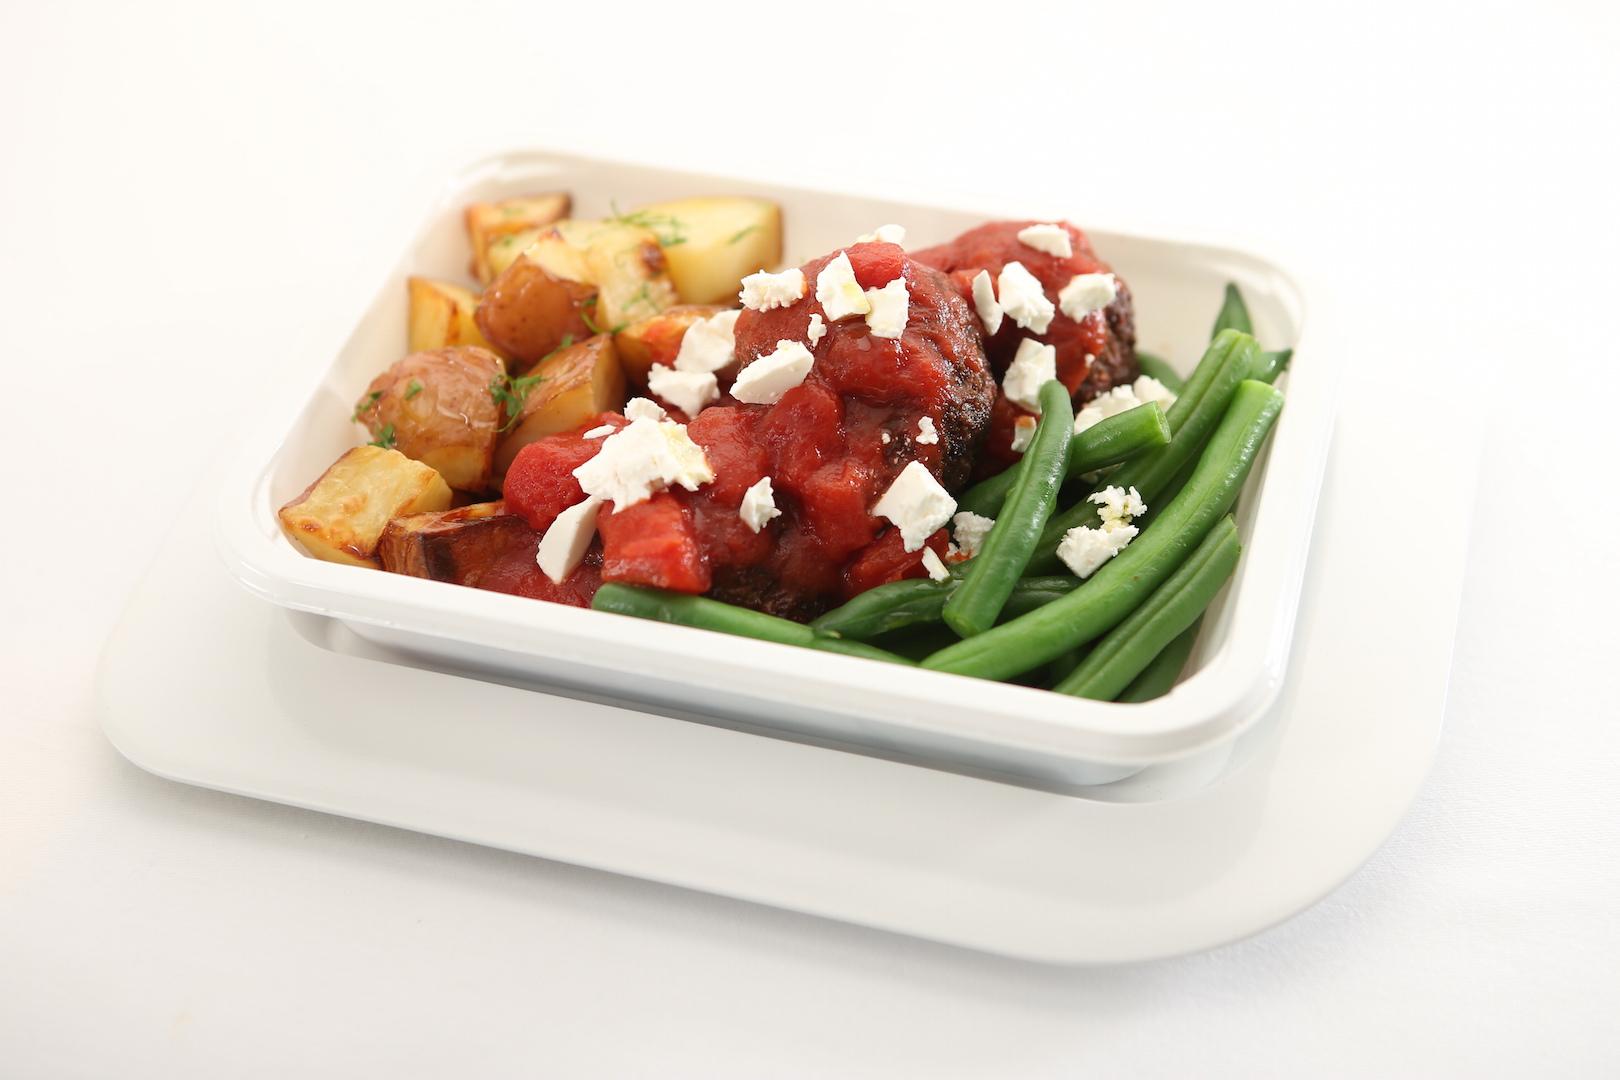 Kafta picante de cordeiro com tomates, batatas e queijo feta nos voos para Dubai da Qantas. (Divulgação)